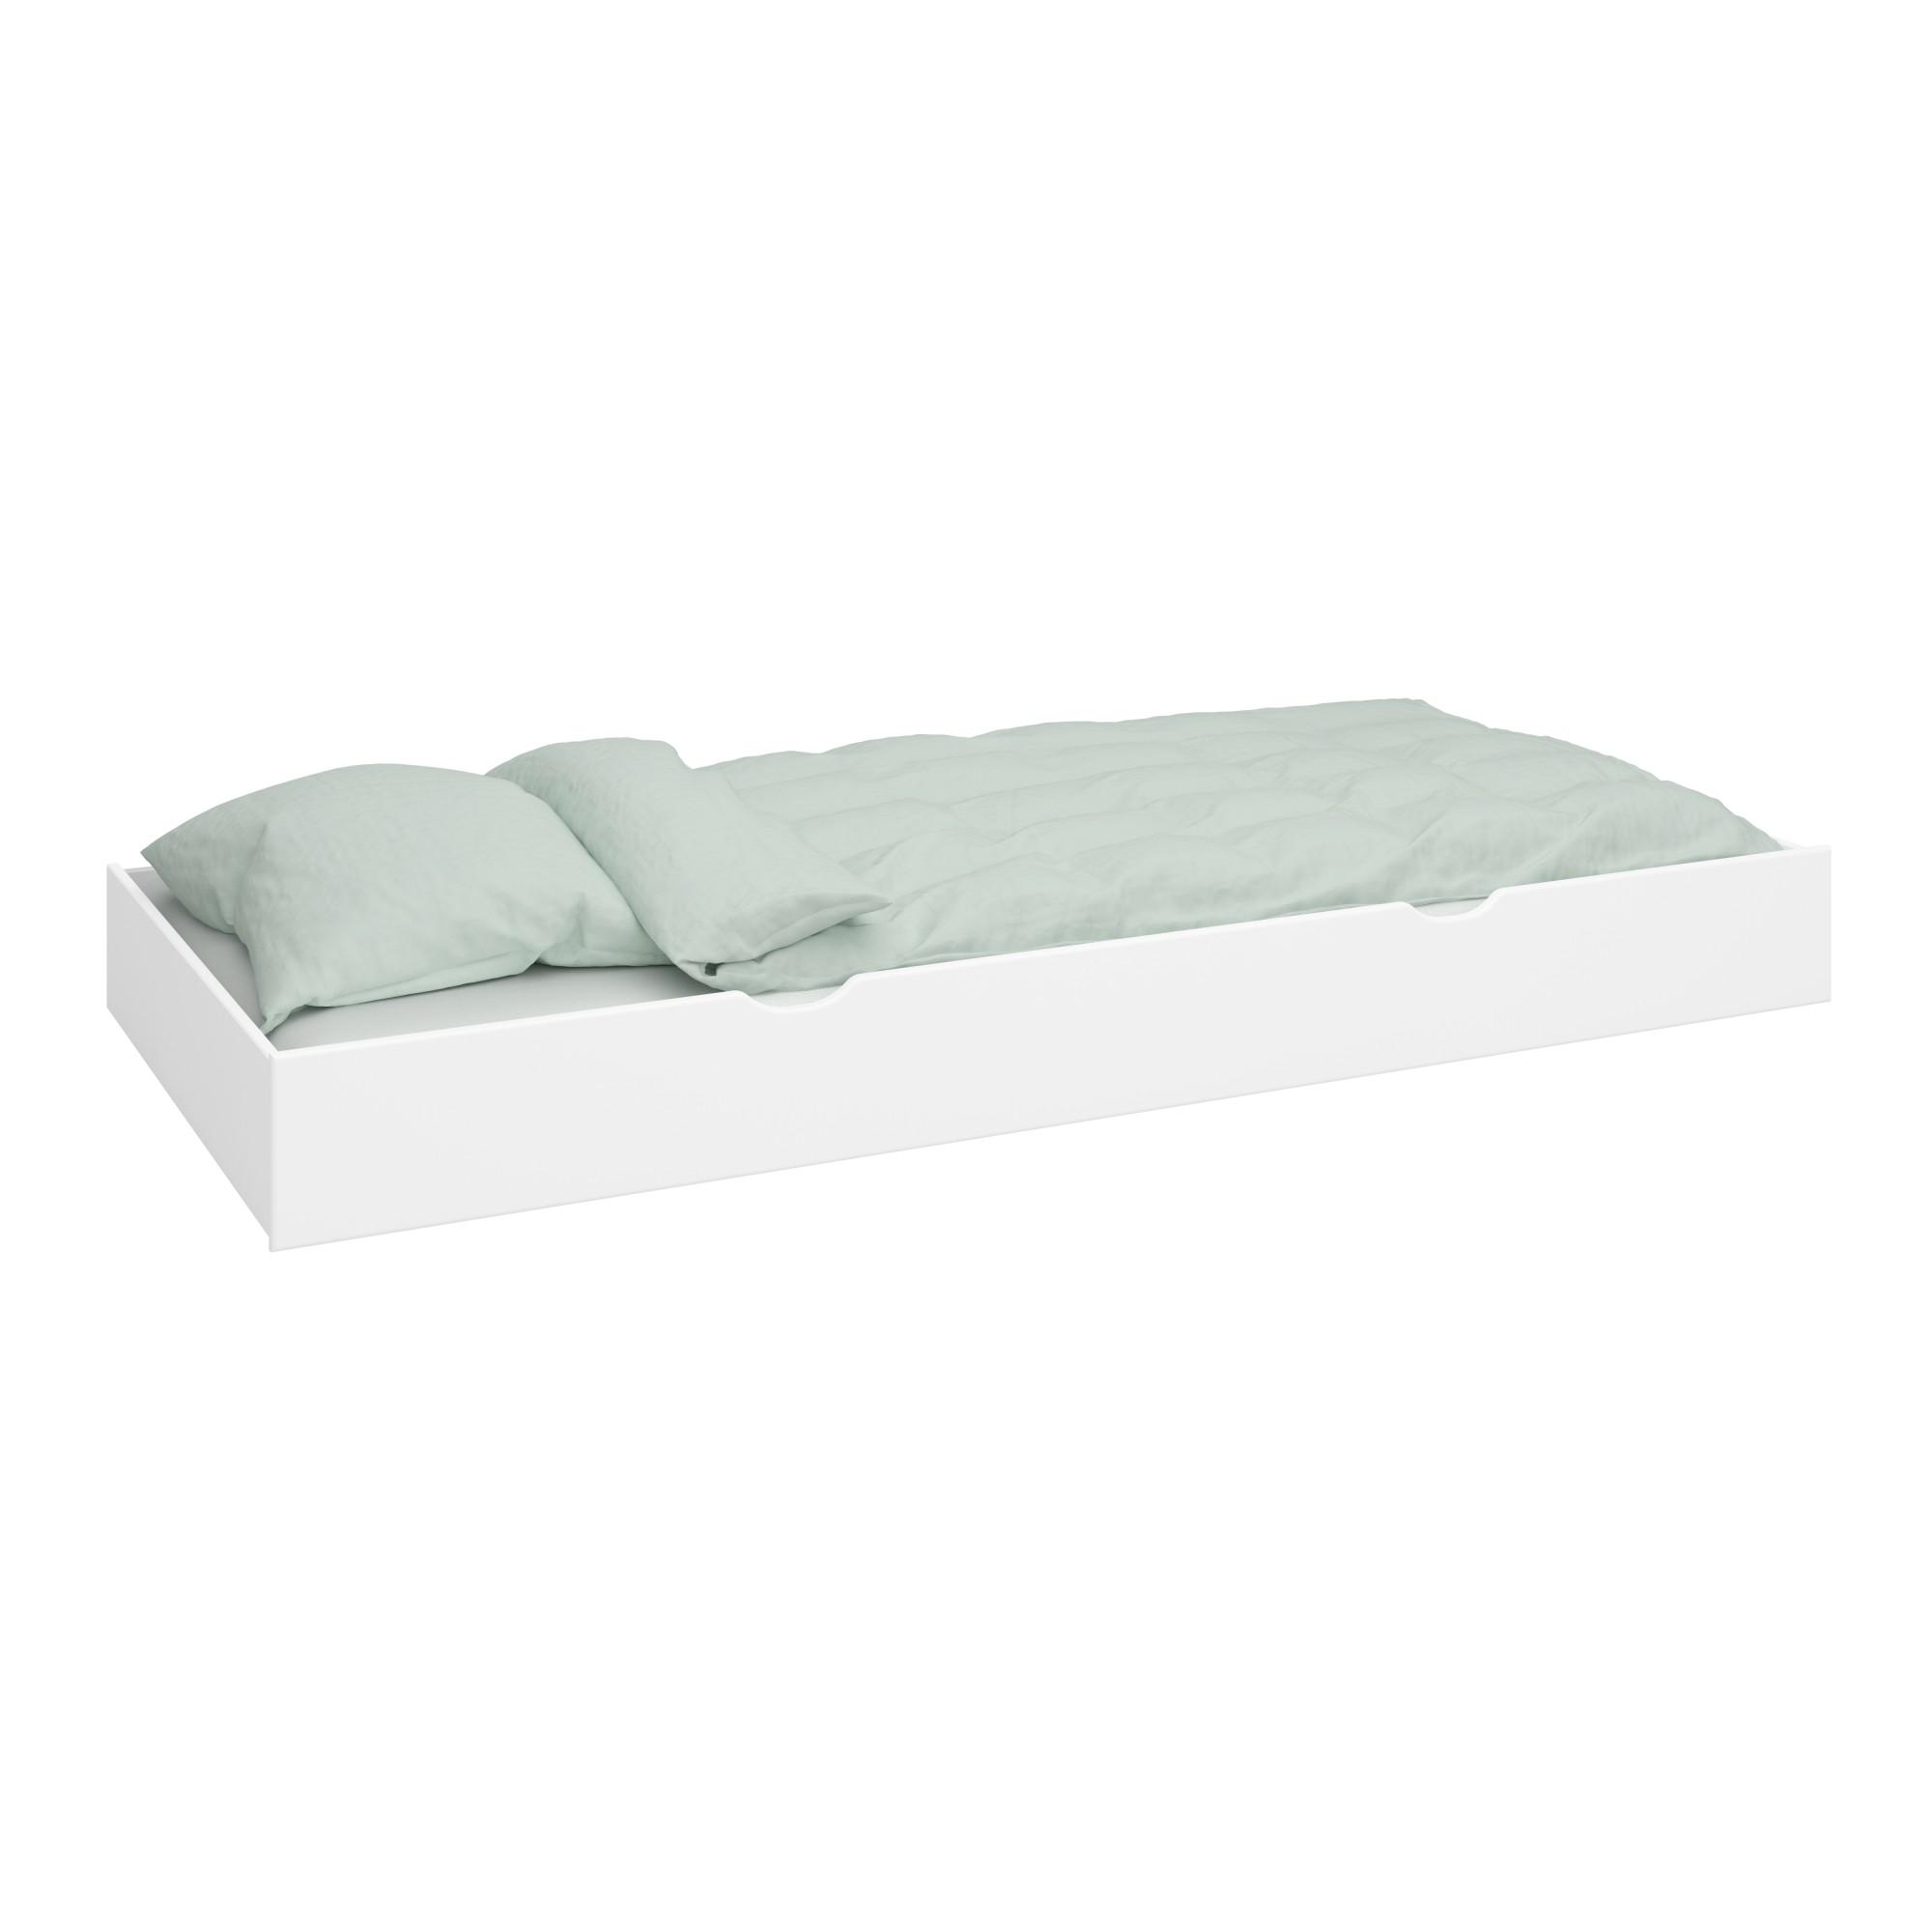 Full Size of Bett Mit Ausziehbett 5e0aac084722b Französische Betten Küche Günstig Elektrogeräten Badewanne Tür Und Dusche Schwarz Weiß 120x200 Stauraum Lattenrost Bett Bett Mit Ausziehbett